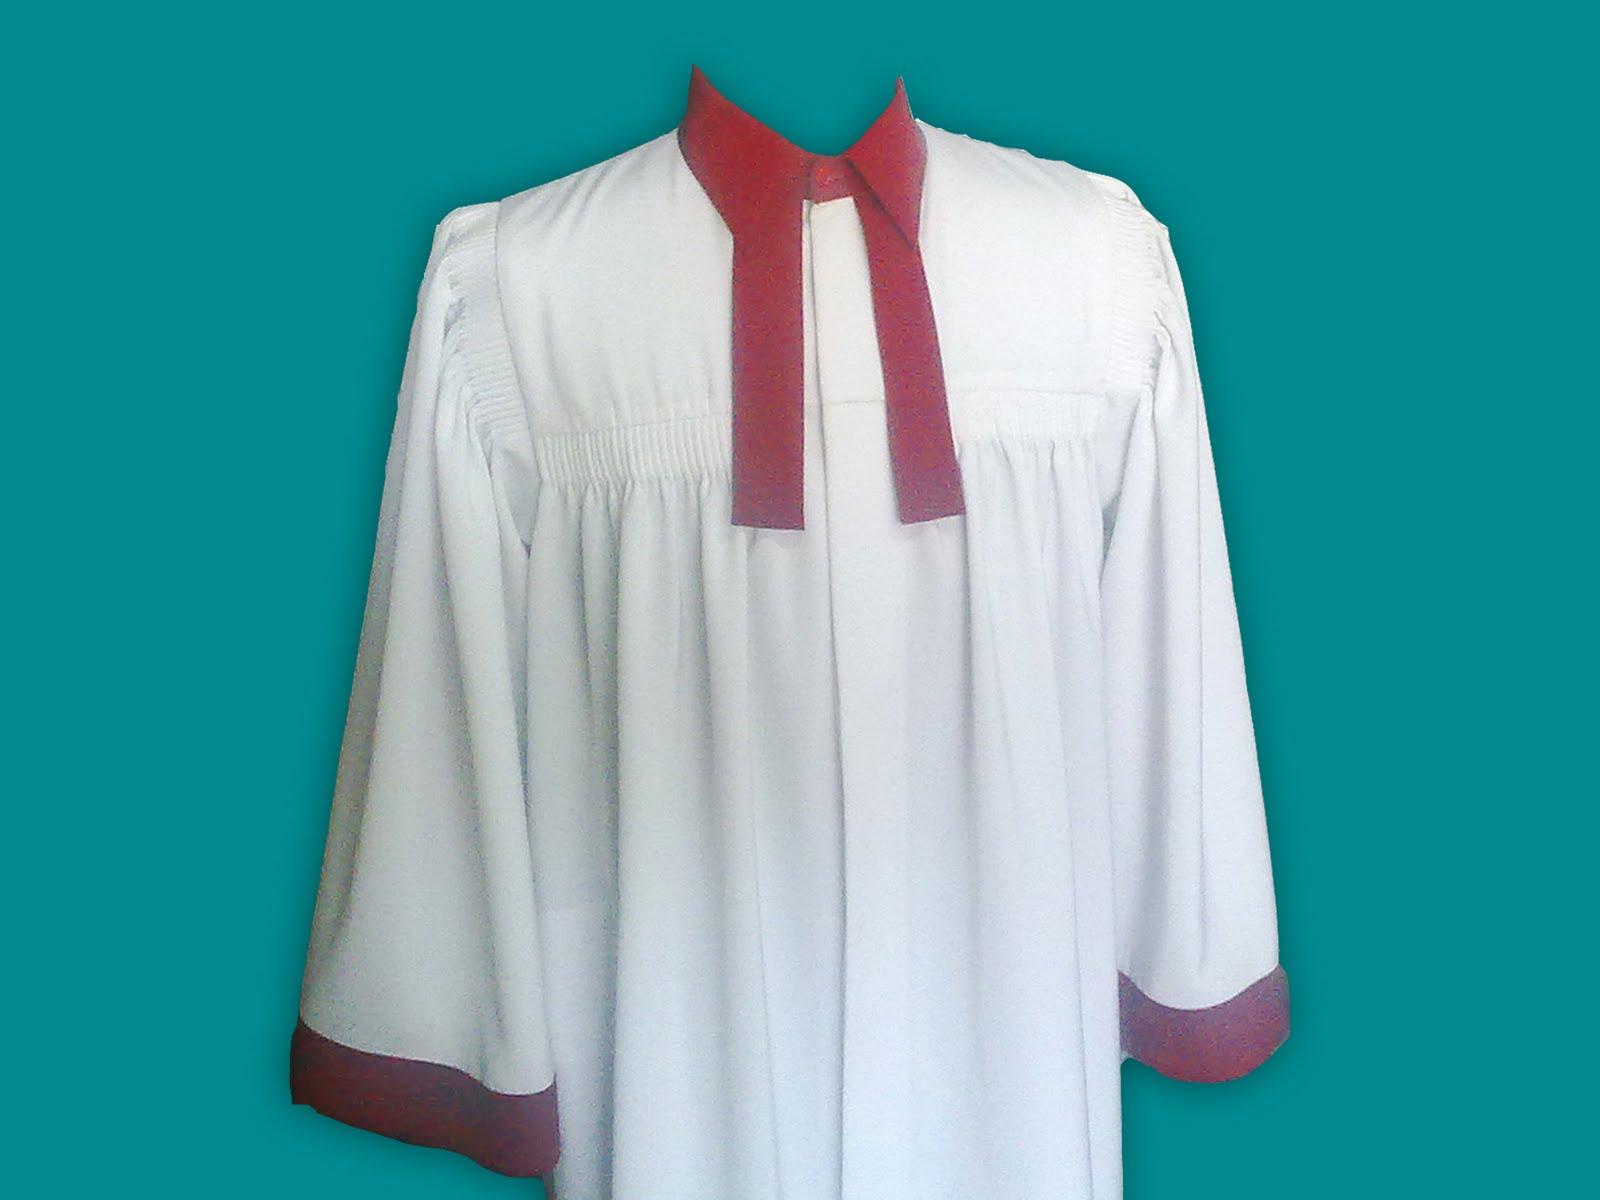 NDS TAILOR Menerima Order Pembuatan Jubah untuk Pendeta/Pengurus ...